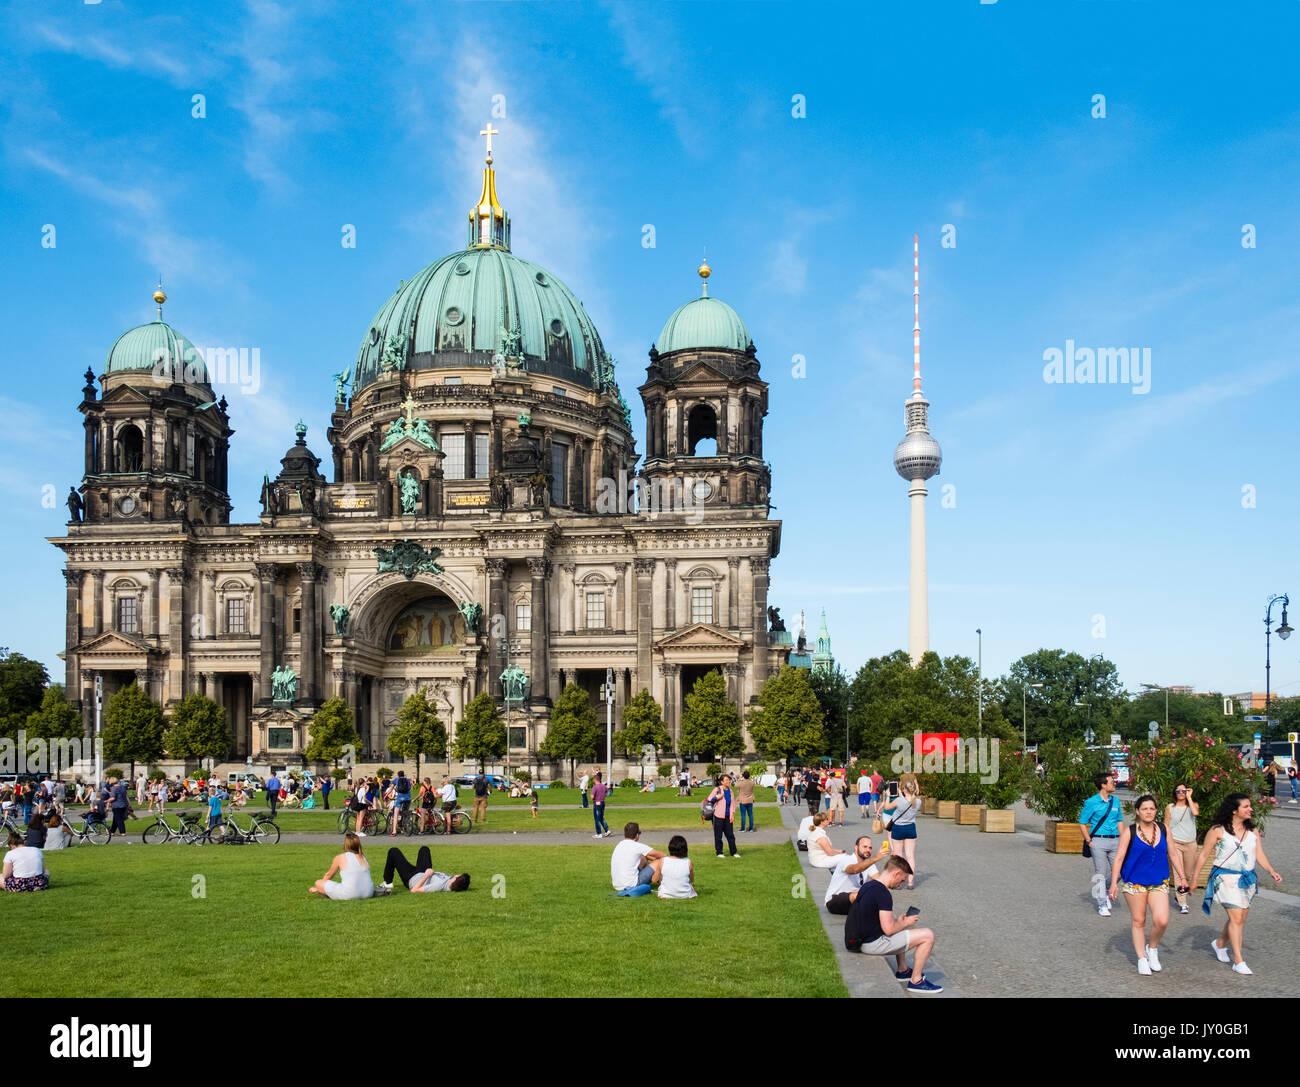 Blick auf den Berliner Dom (Berliner Dom) und Lustgarten Platz im Sommer in Mitte, Berlin, Deutschland Stockfoto